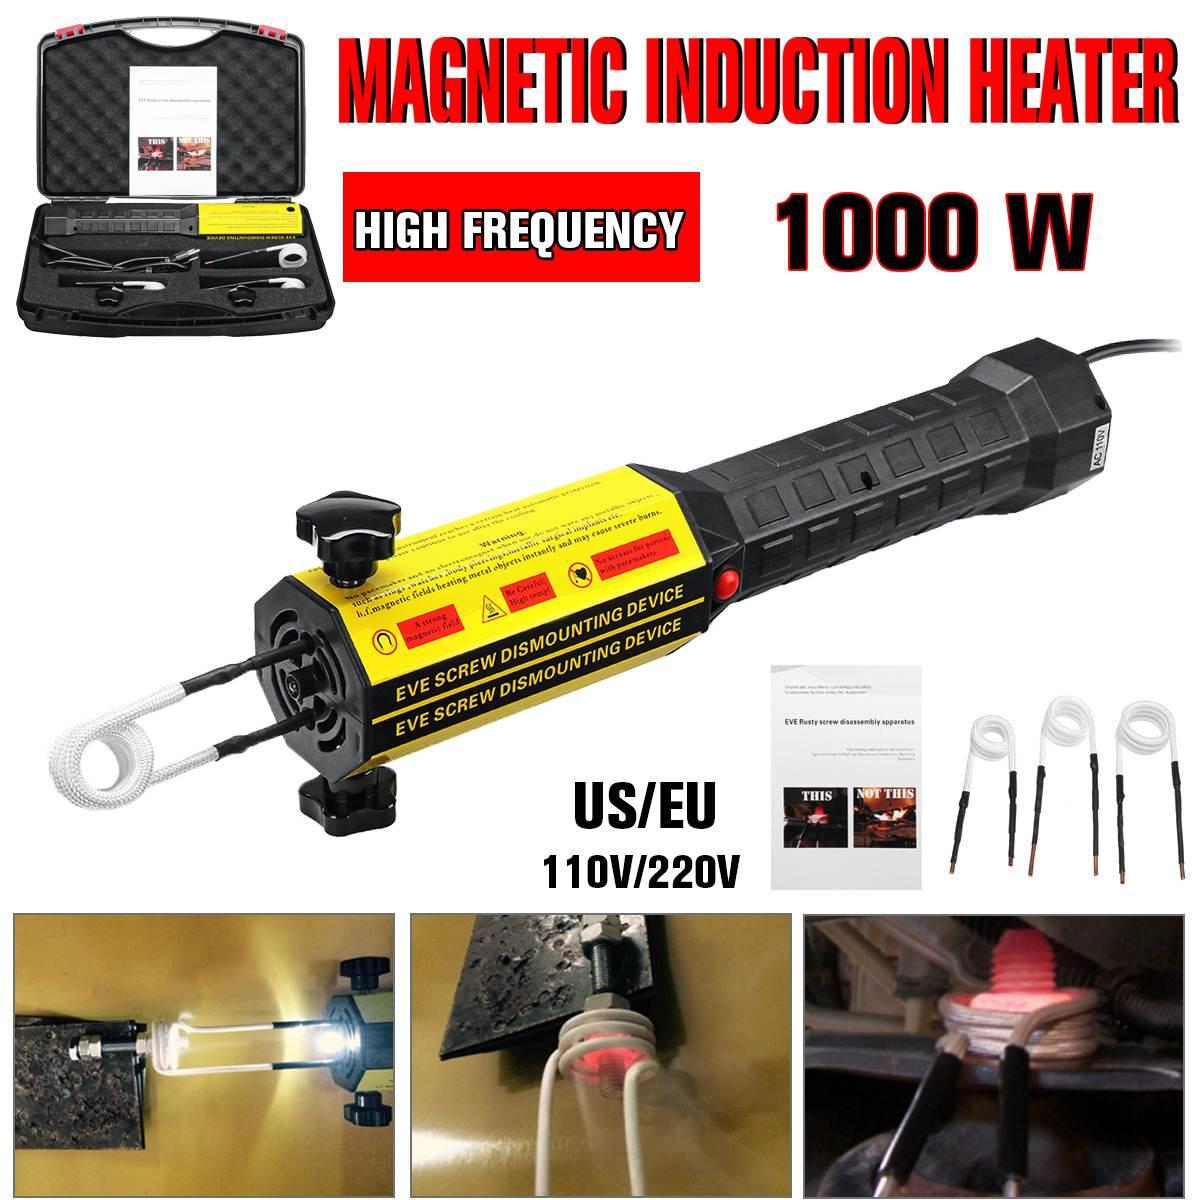 Calentador de inducción tornillo desensamblador de calor calentador de inducción magnético 220 V/110 V herramienta de tornillo removedor de pernos herramienta de reparación